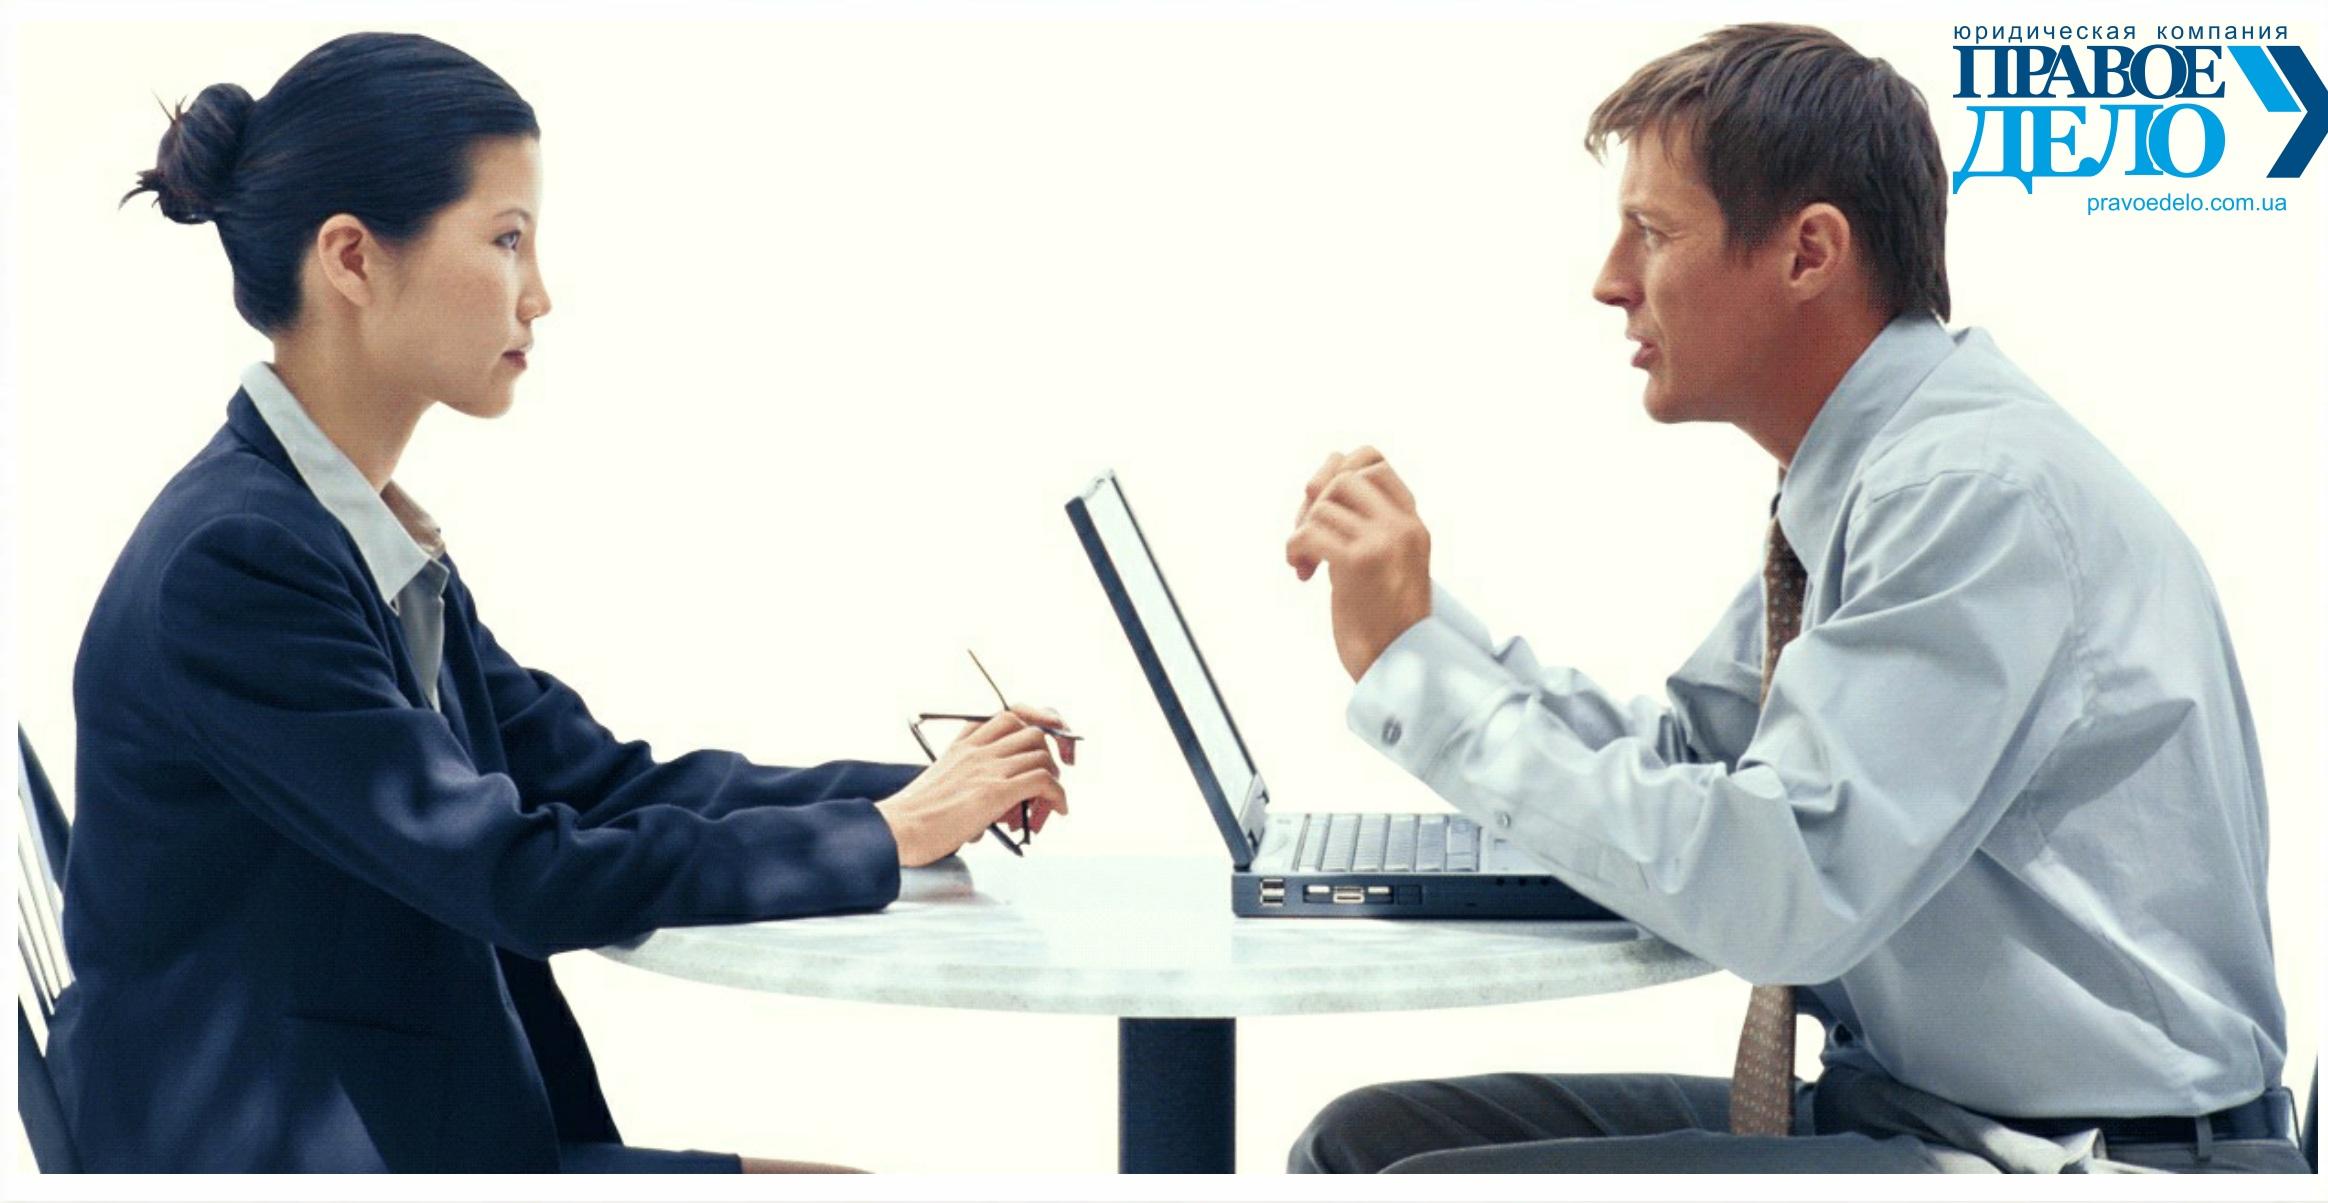 юридическая консультация по вопросам собственности